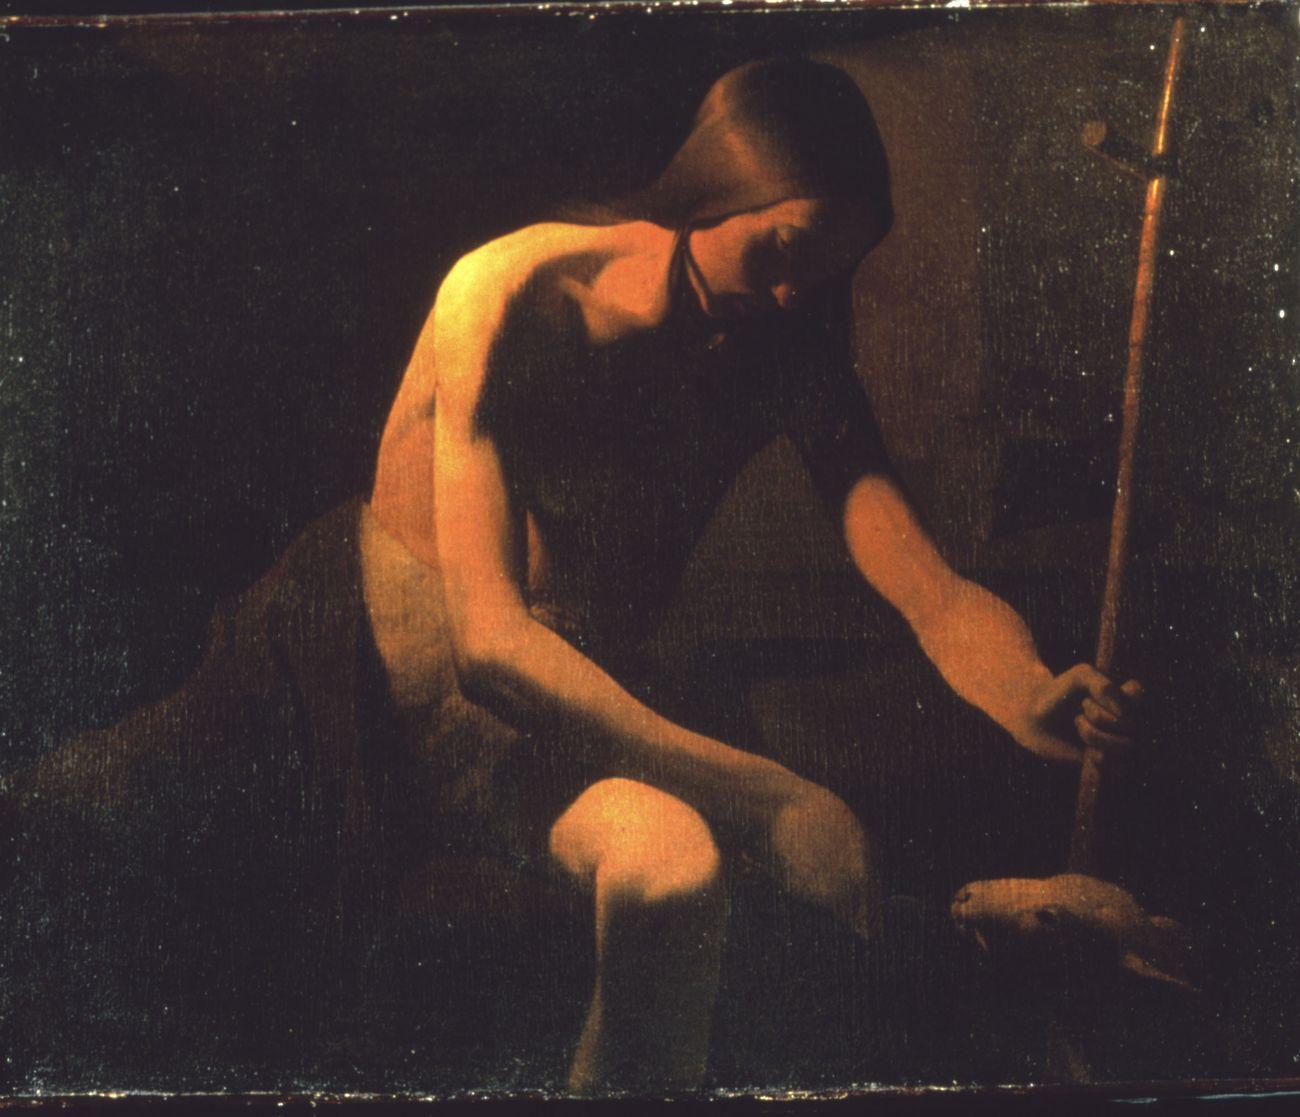 Georges de La Tour, San Giovanni Battista nel deserto, 1649 ca. Olio su tela, 81 × 101 cm. Musée départemental, Vic sur Seille